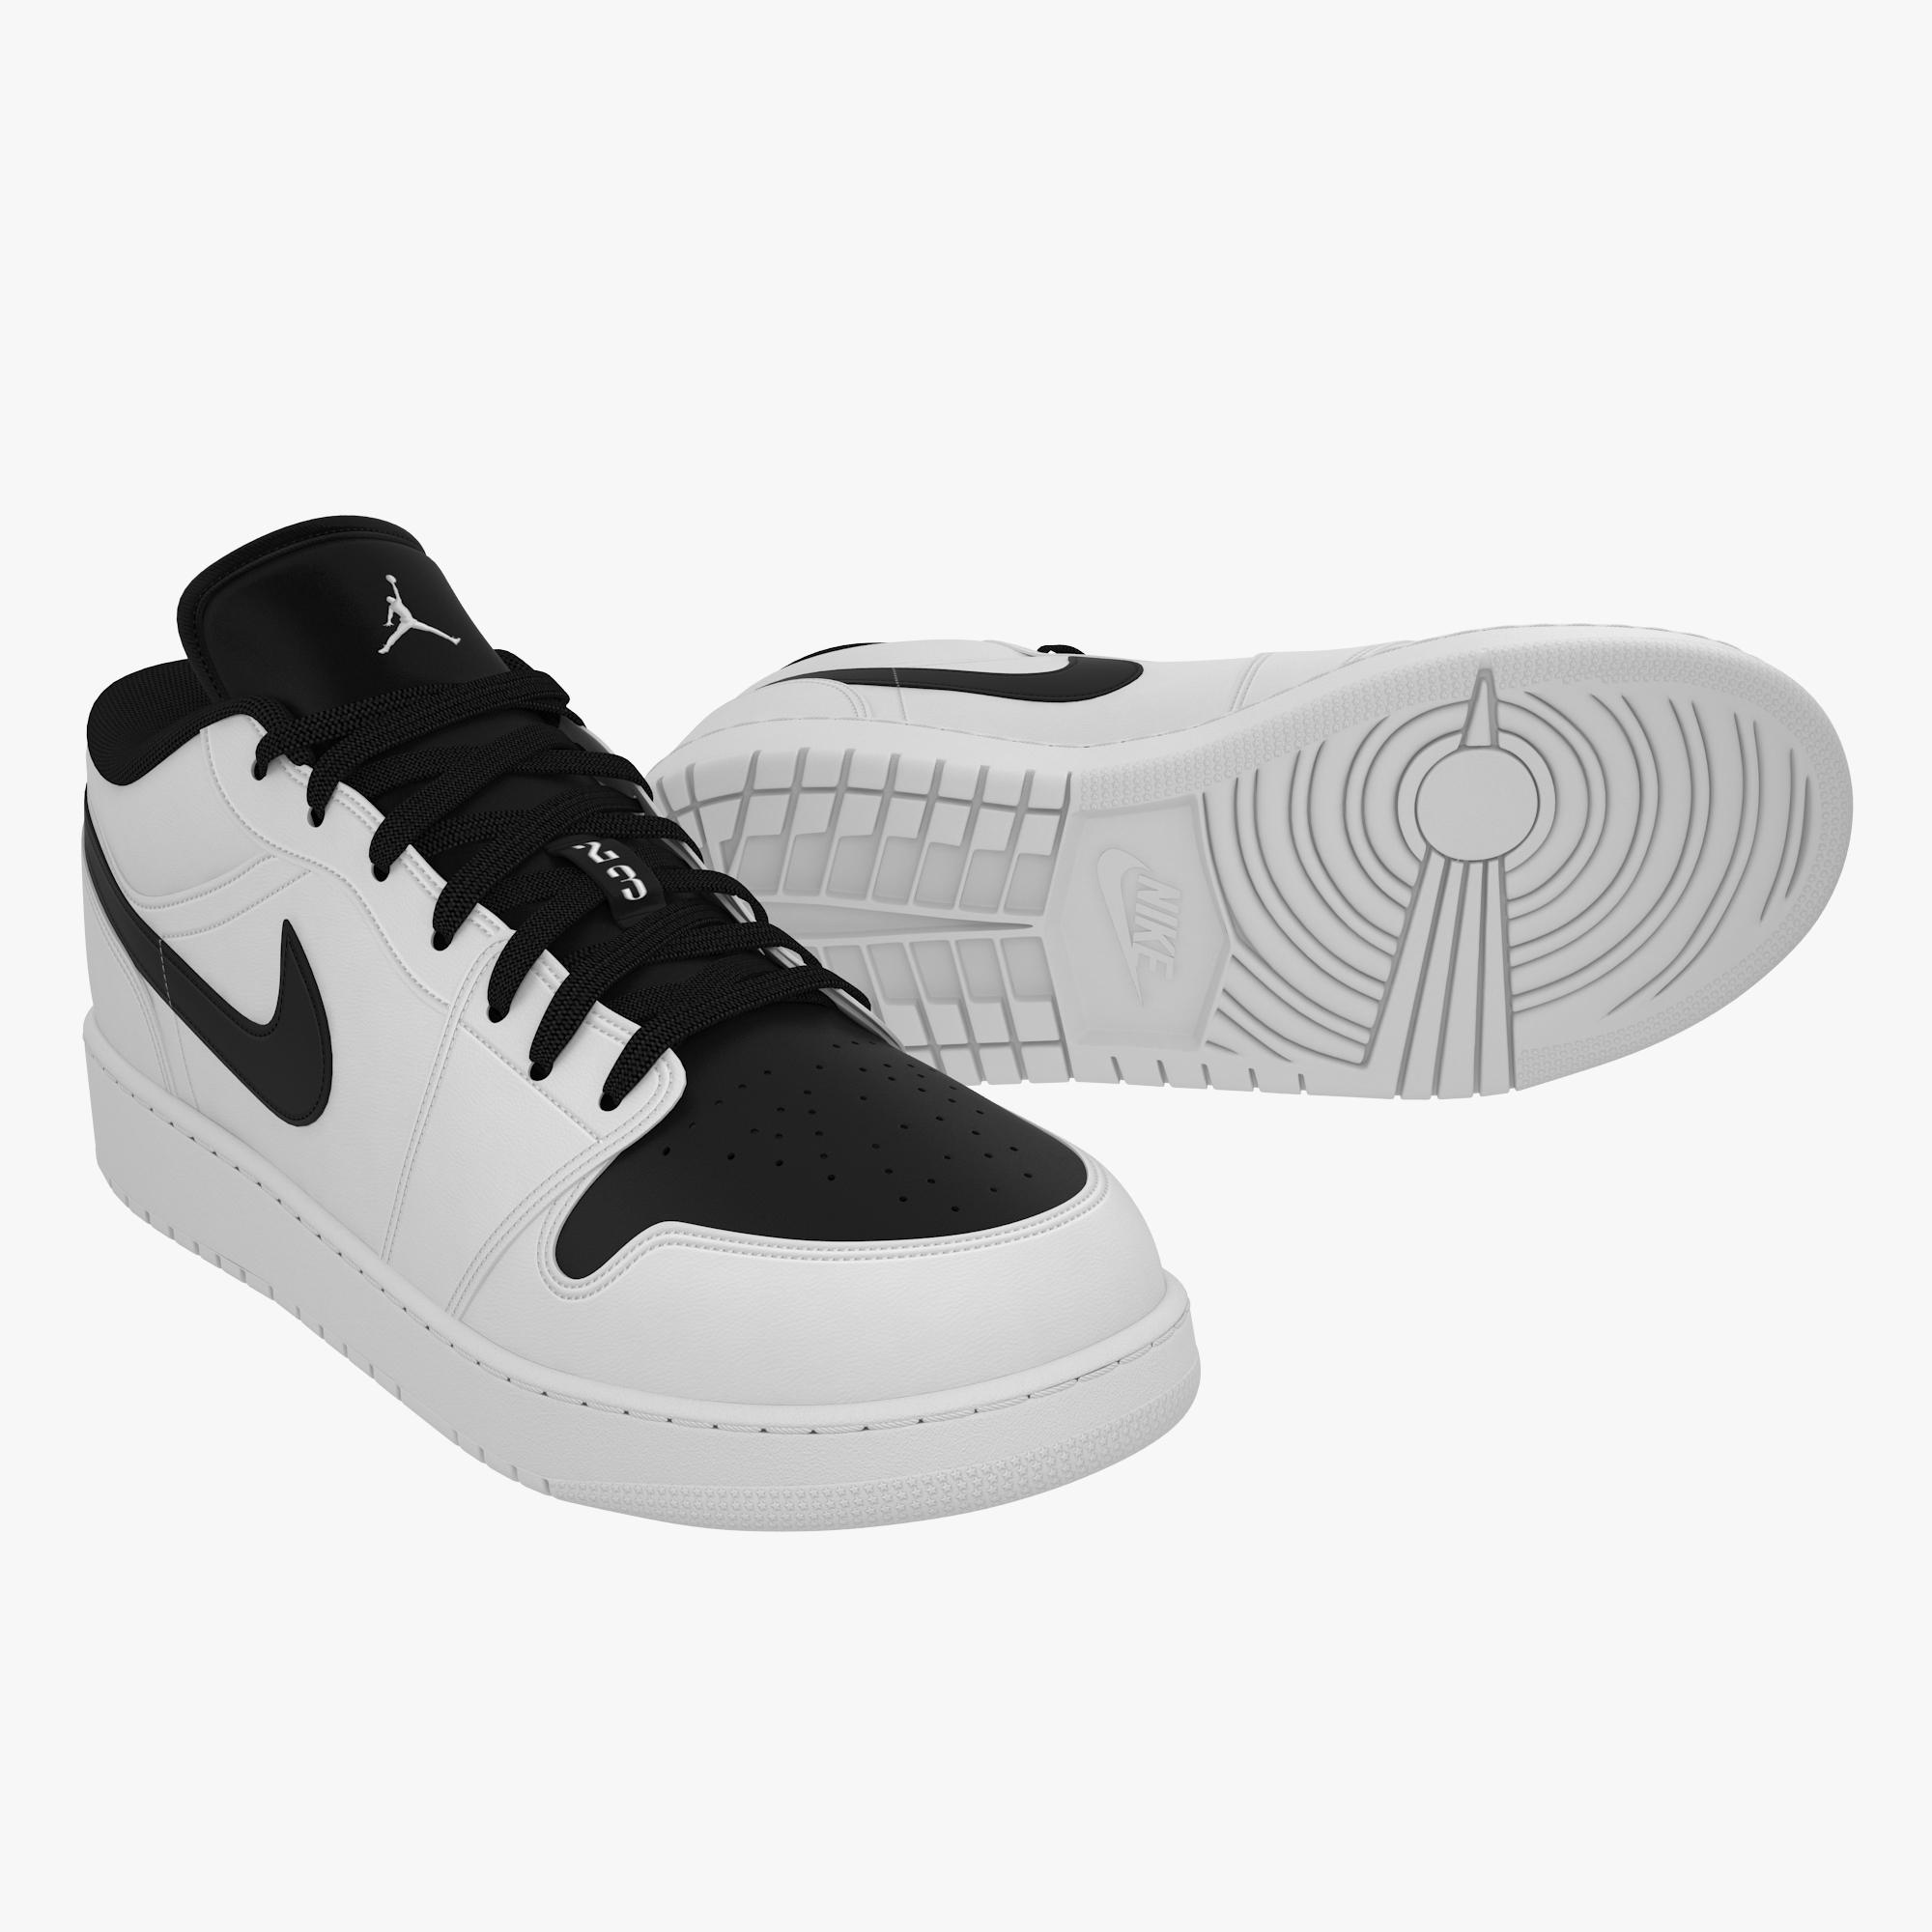 Rebelión puesto Monasterio  air jordan 1 blanco y negro cheap nike shoes online